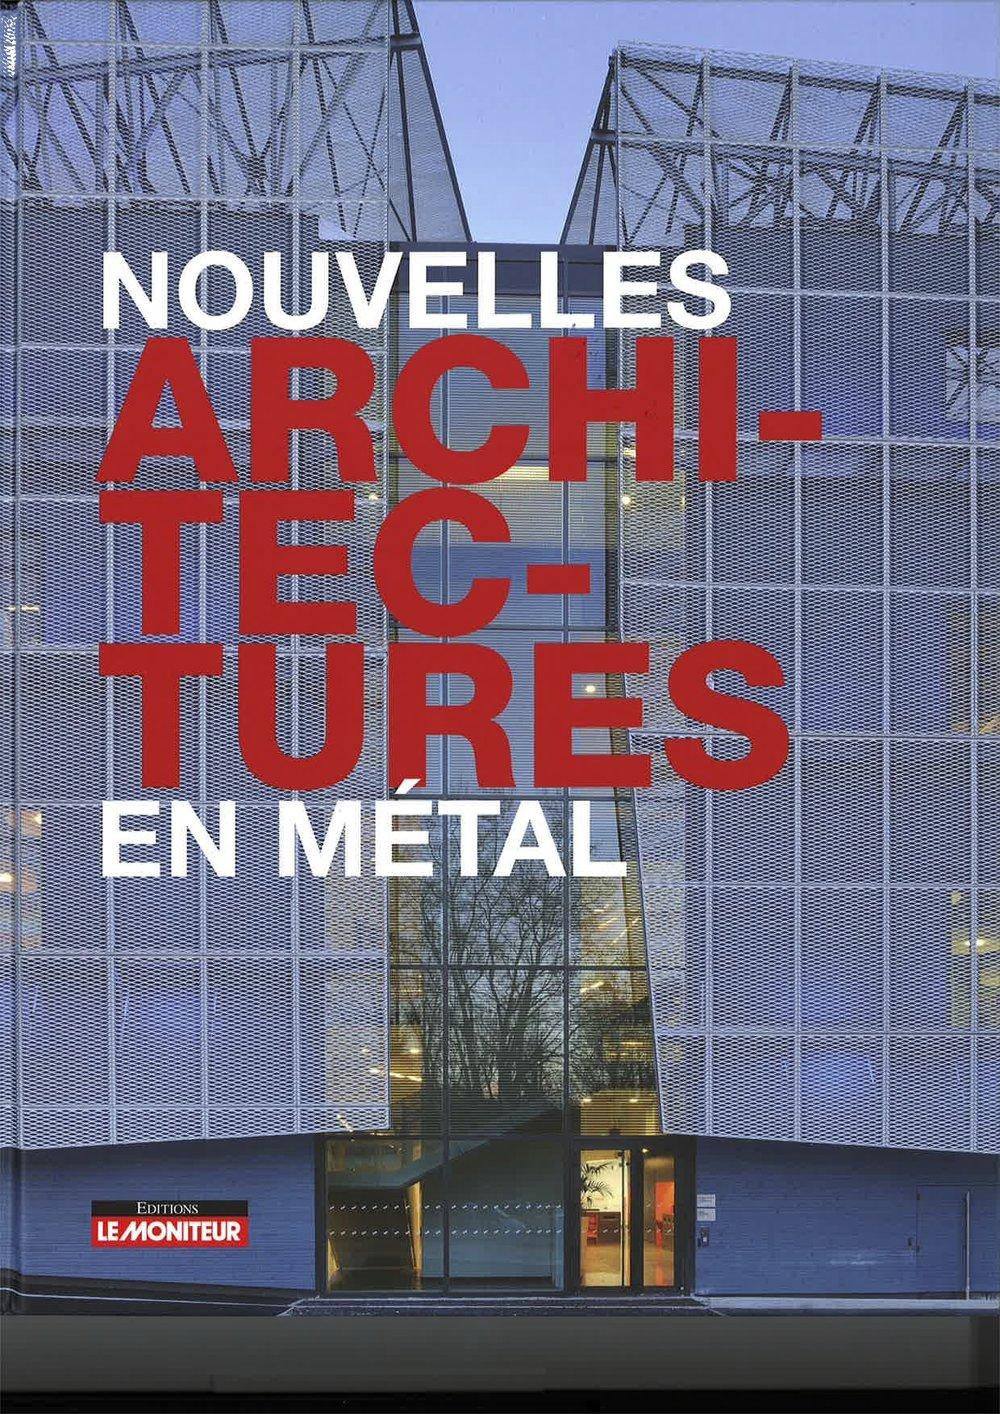 HEI-Nouvelles archis mÇtal.jpg